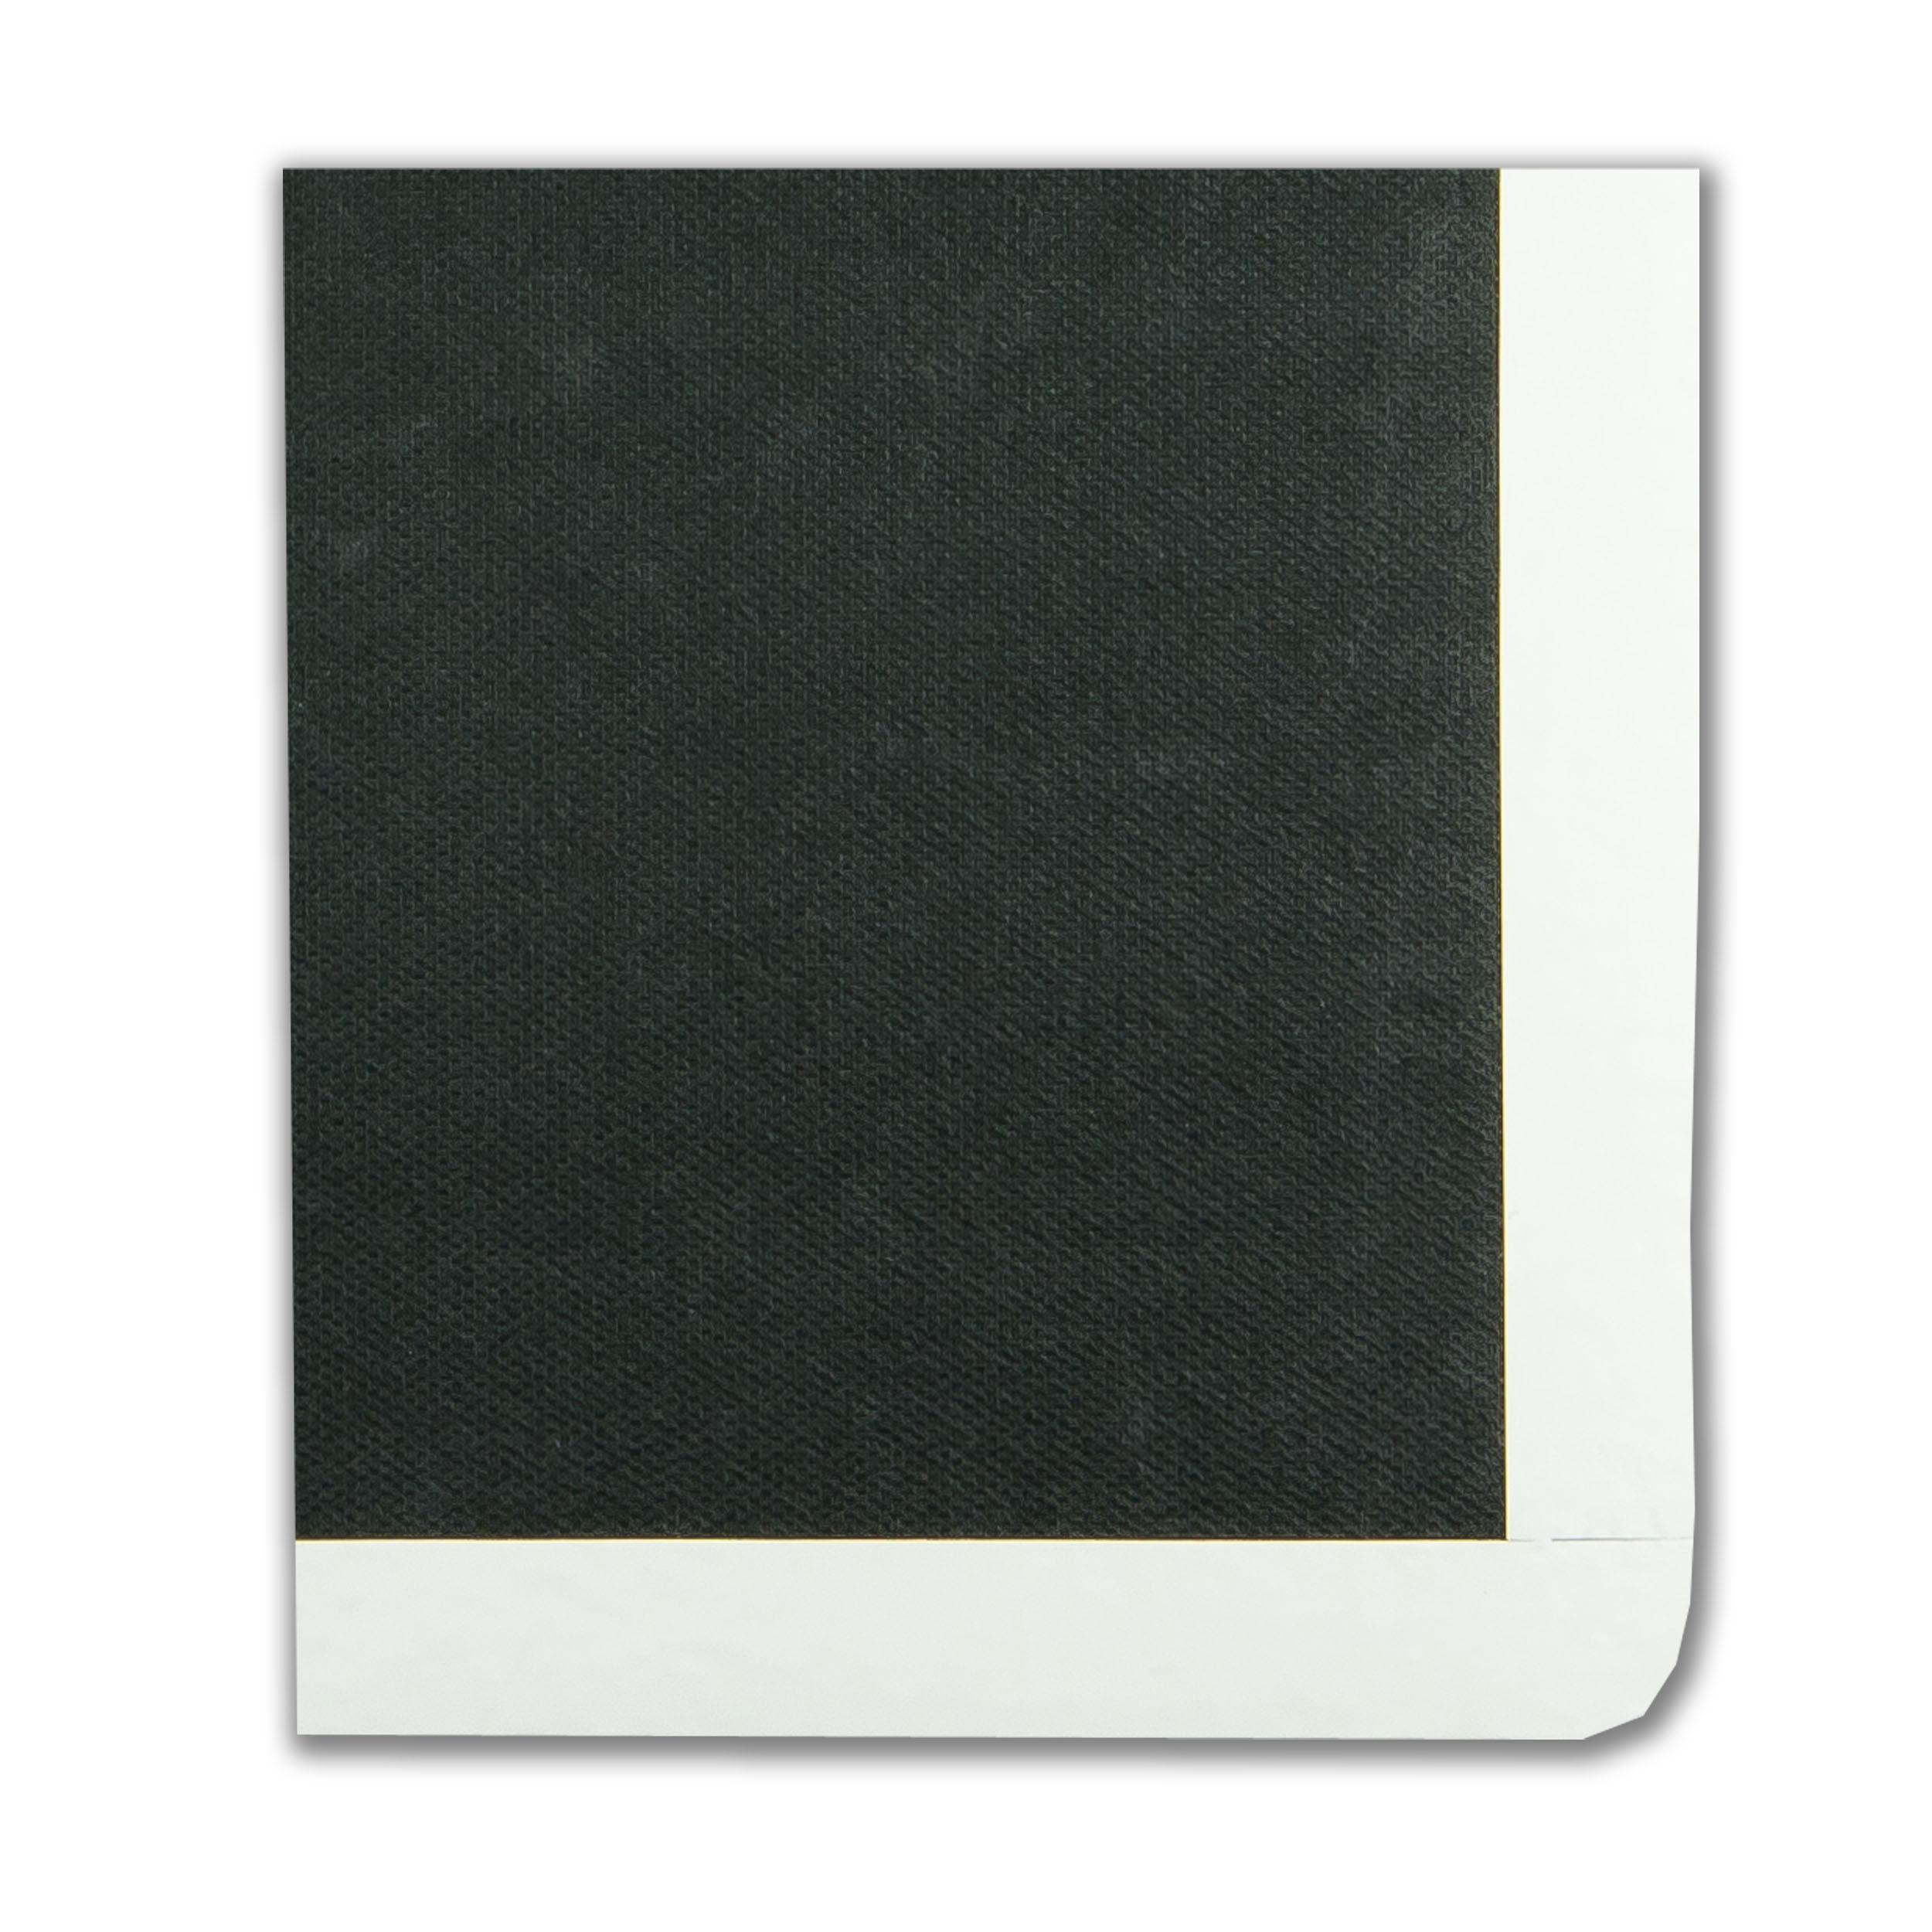 mat single blue sa cotton index away tape original performtex rolls product x mats you